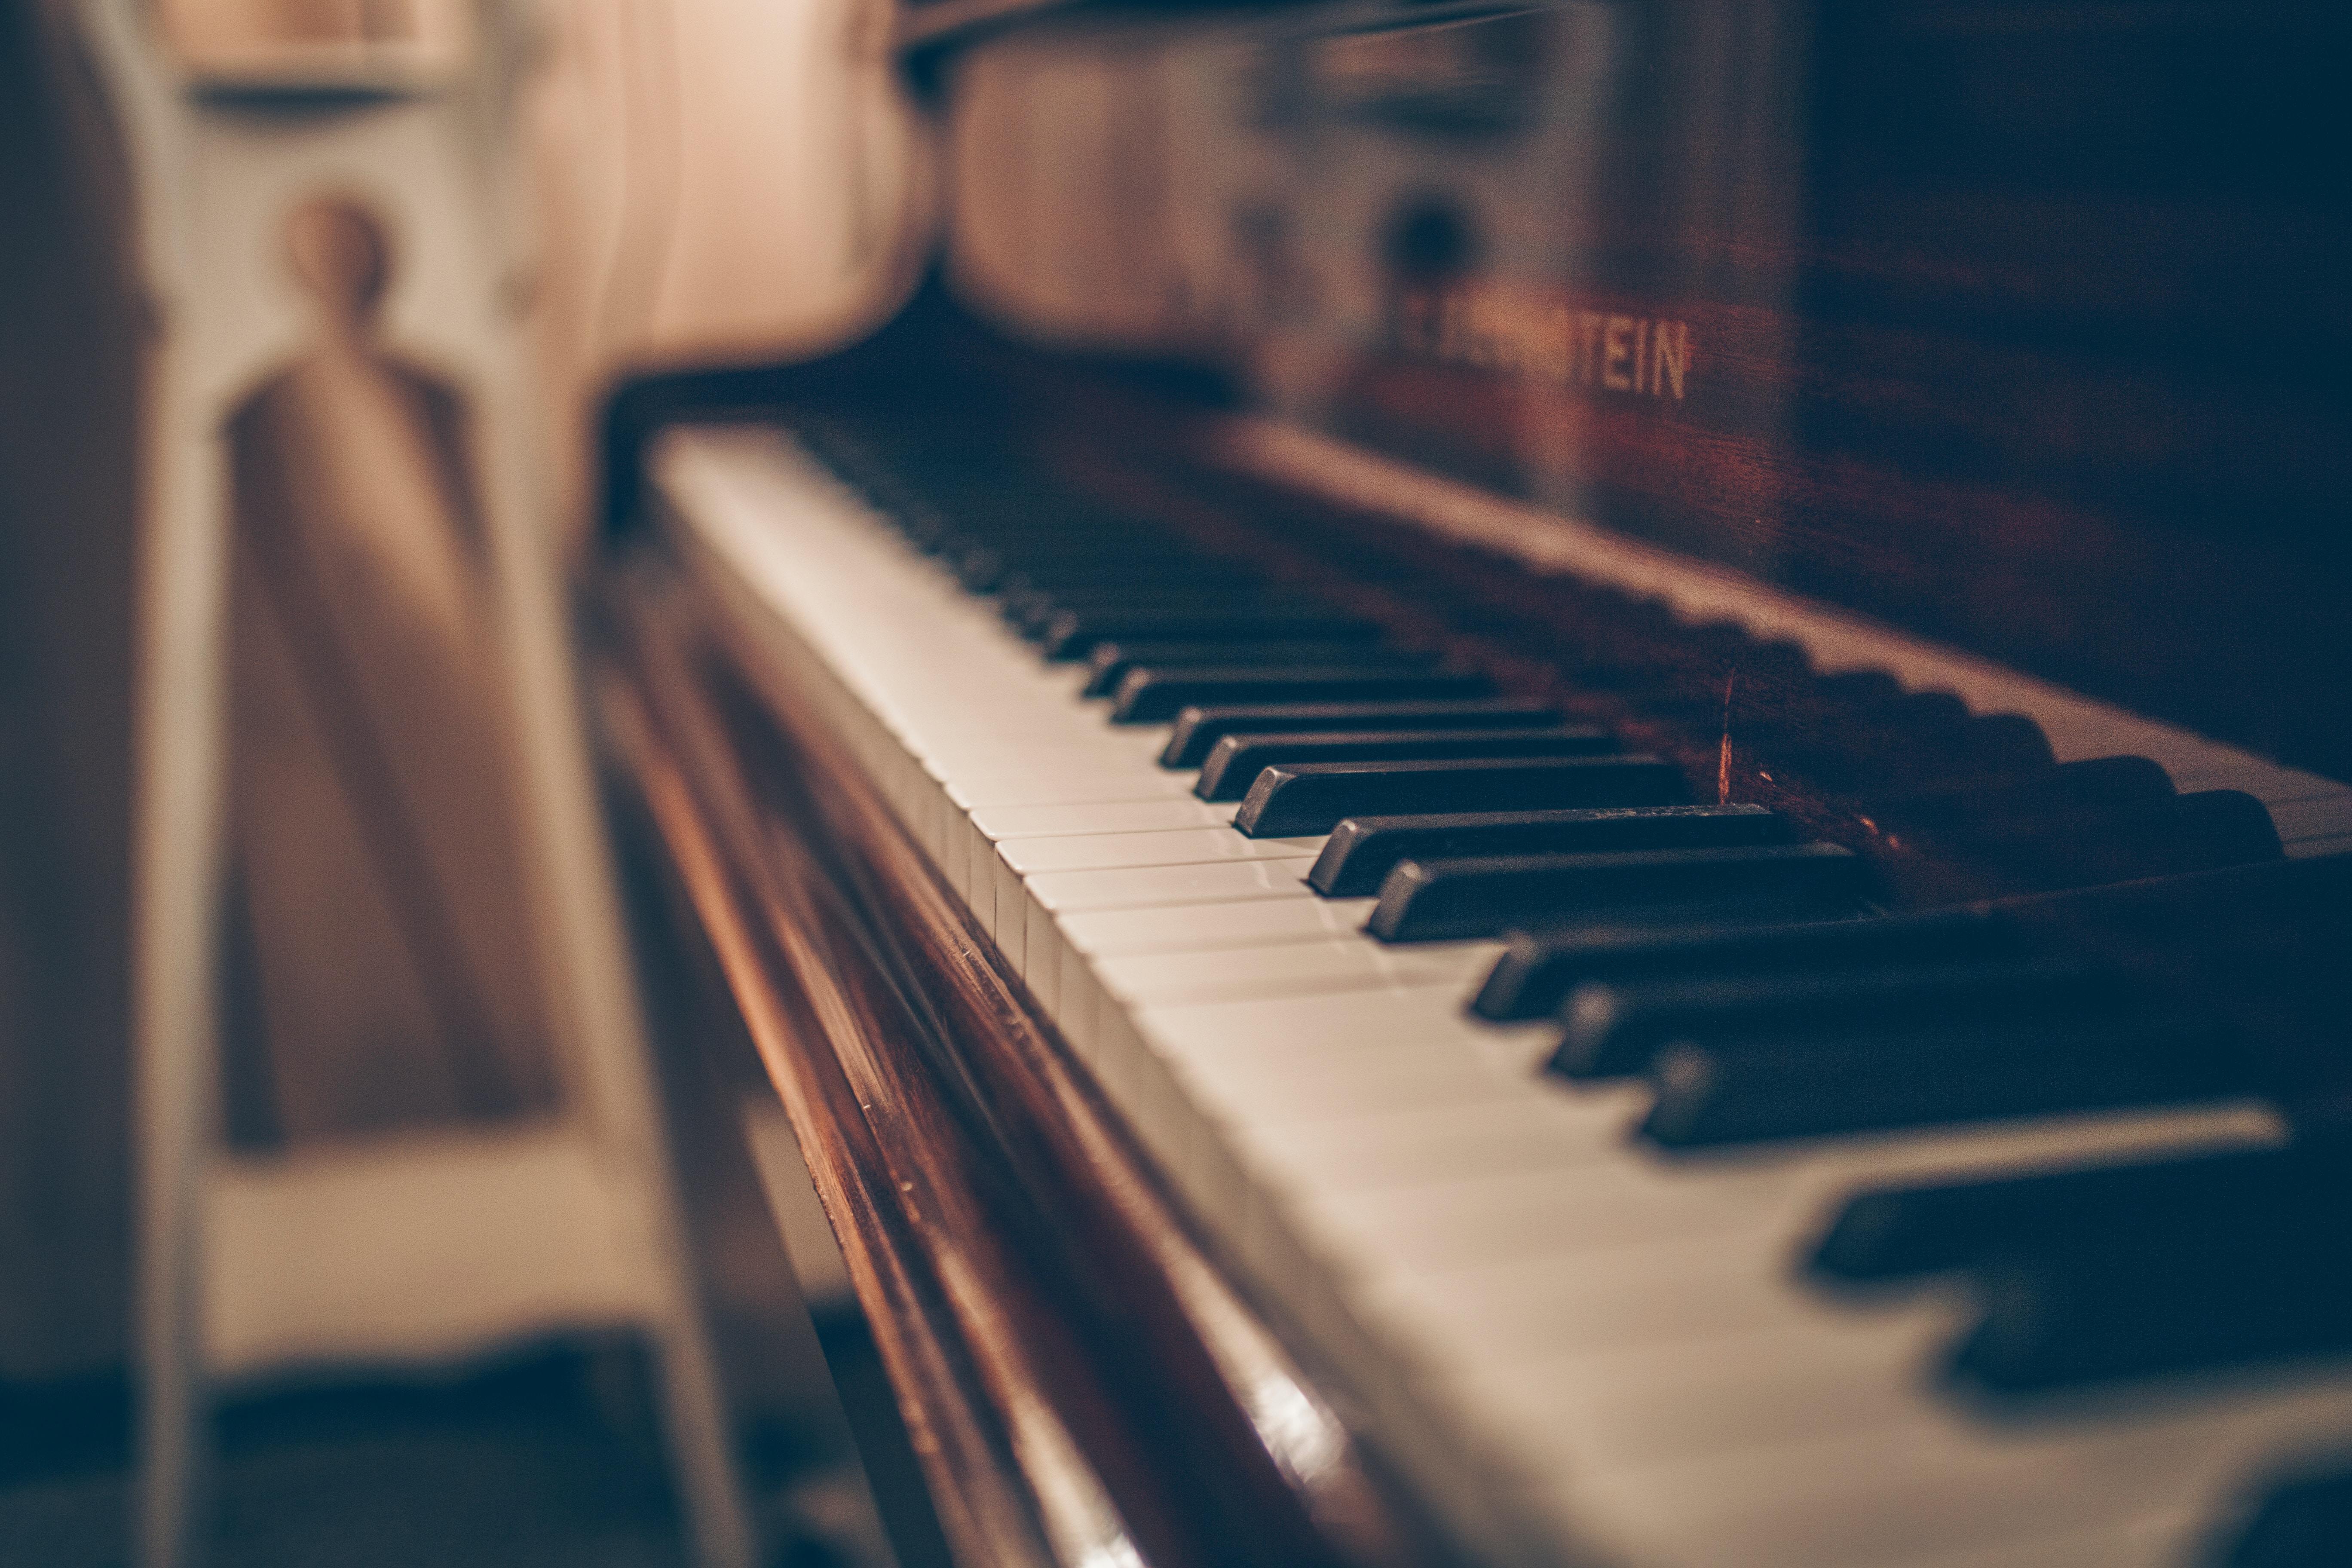 TEPPEN(テッペン)2019夏/ピアノ対決は松井咲子が優勝!挑戦者や歴代優勝者を紹介!8月9日